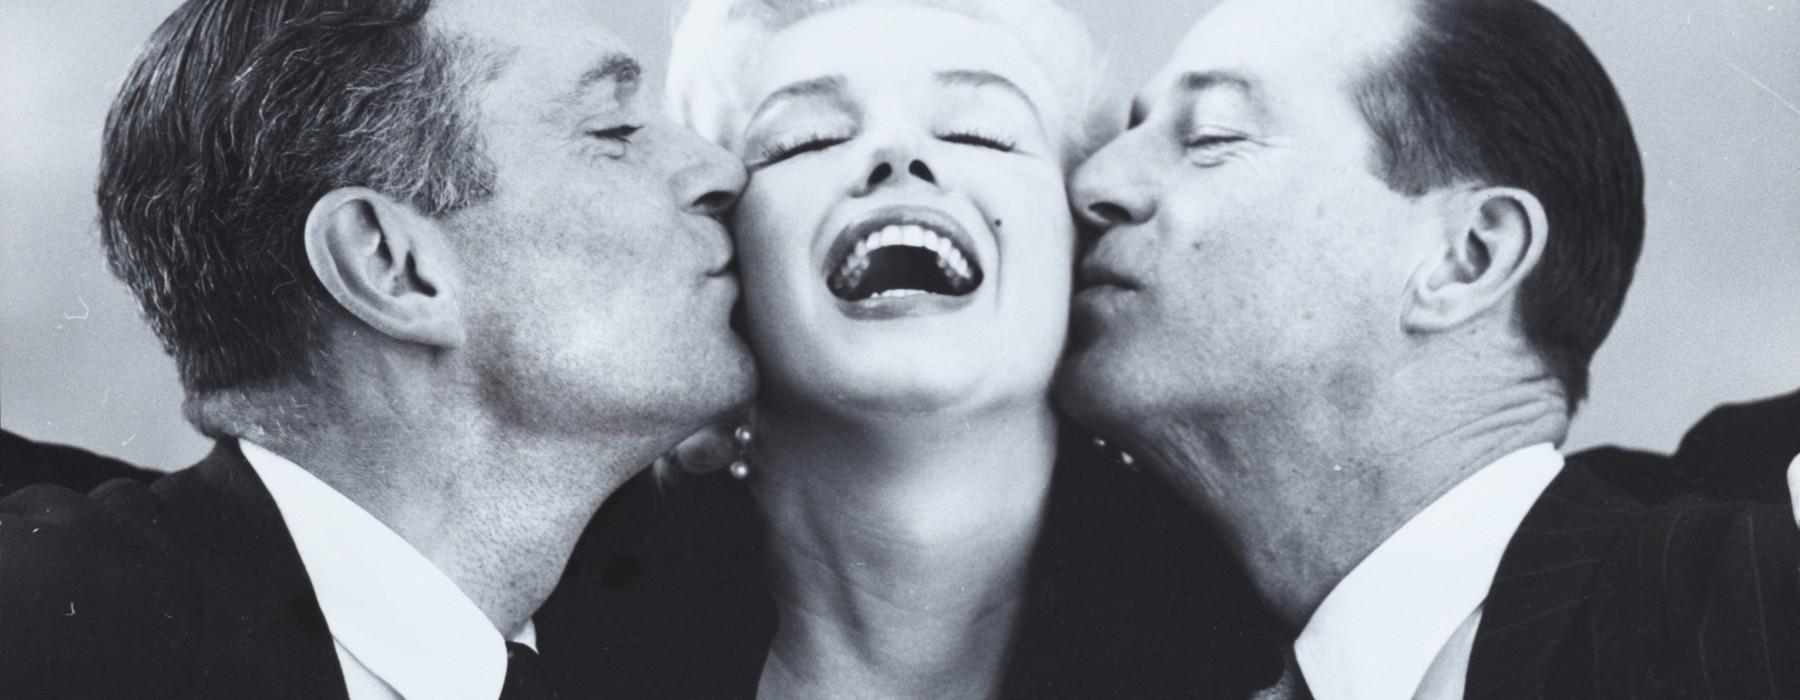 """Wystawa zdjęć Marilyn Monroe. """"Życie jest po to, żeby je przeżyć"""""""